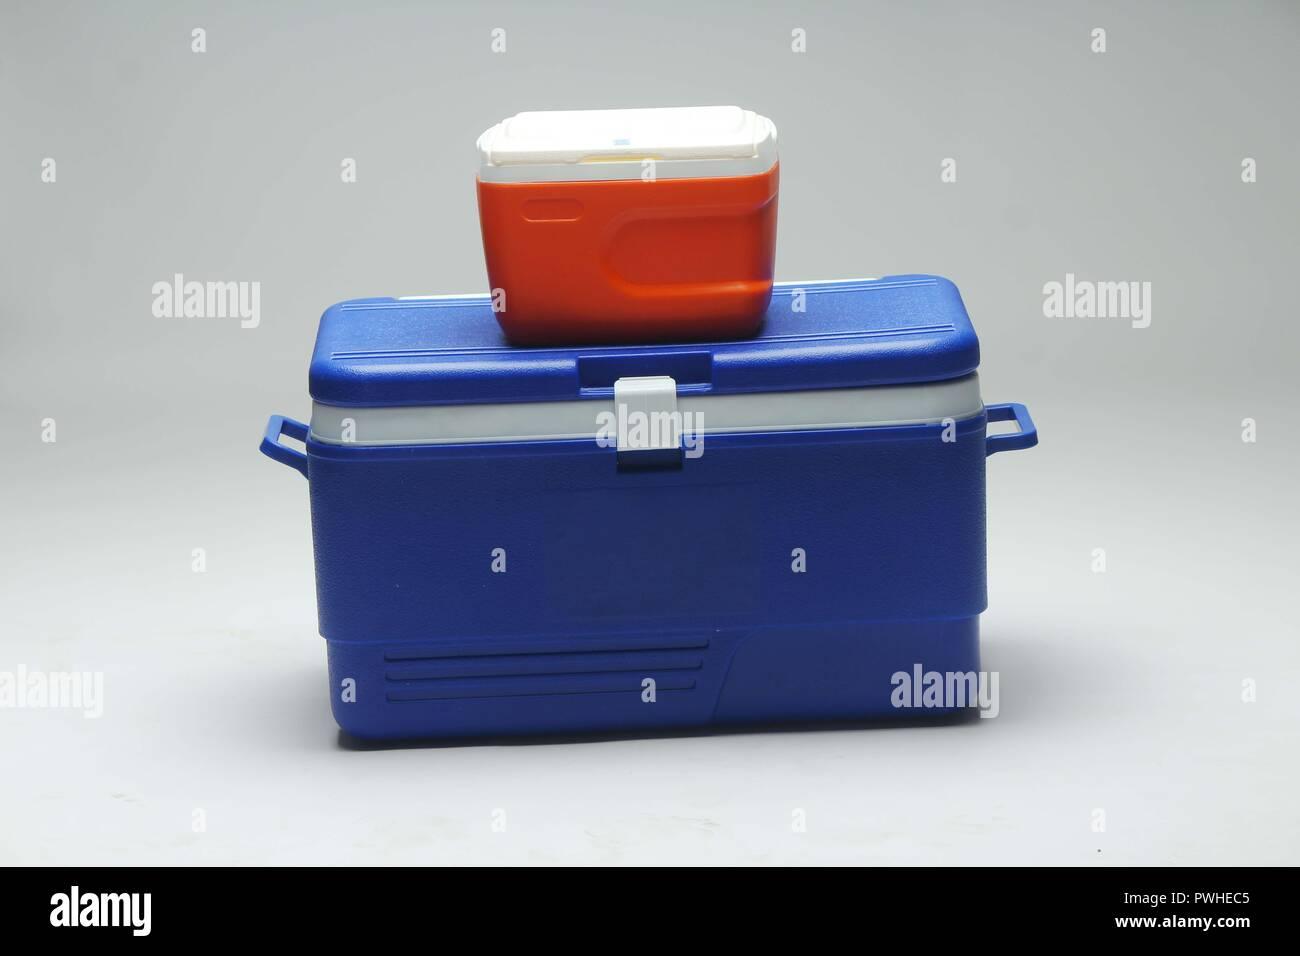 Kühlschrank Box : Rot und blau handheld kühlschrank ice box mit weißem hintergrund